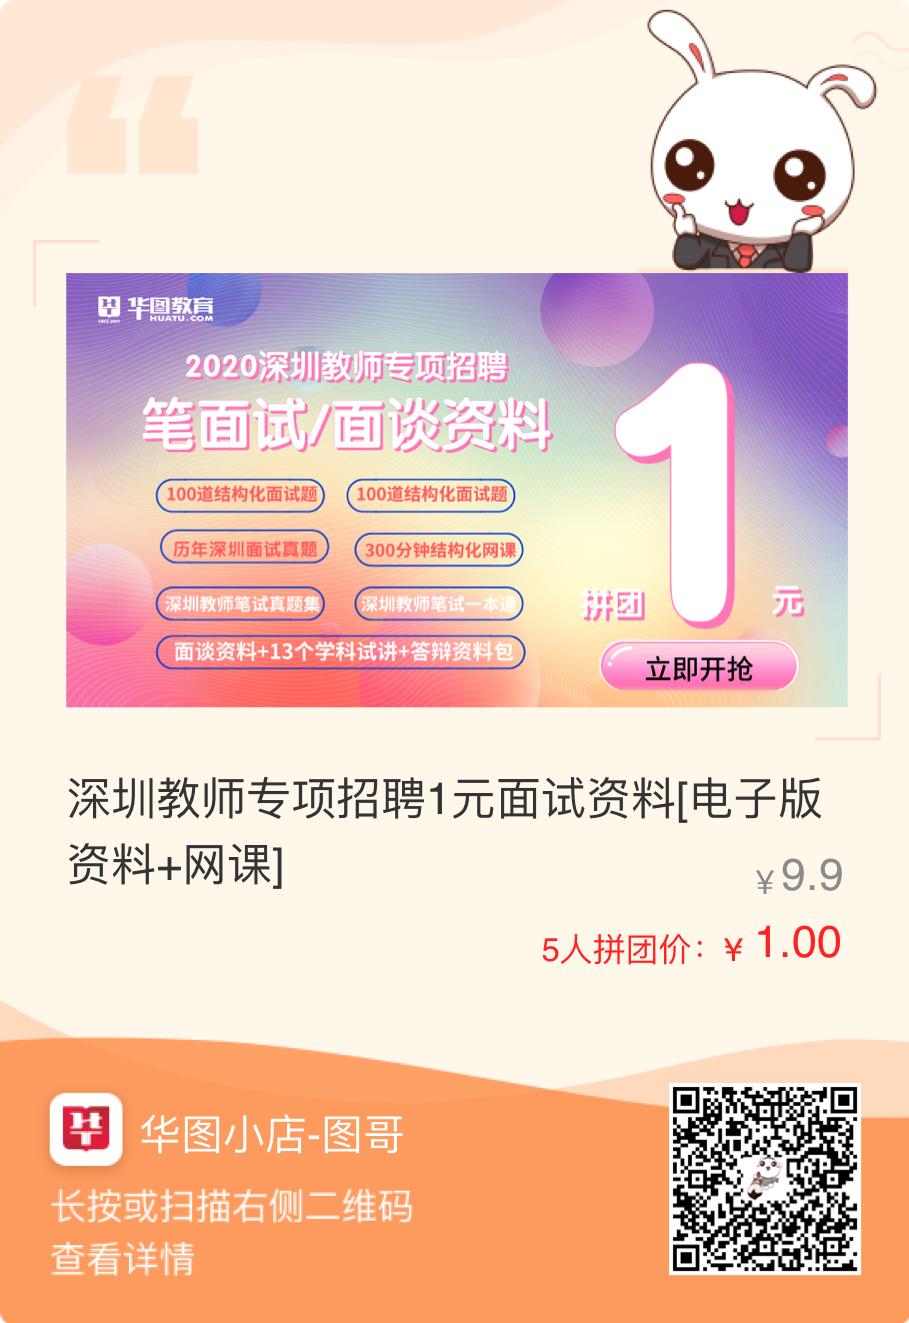 2020年深圳盐田区教育局面向2021年应届生赴招聘110名教师公告